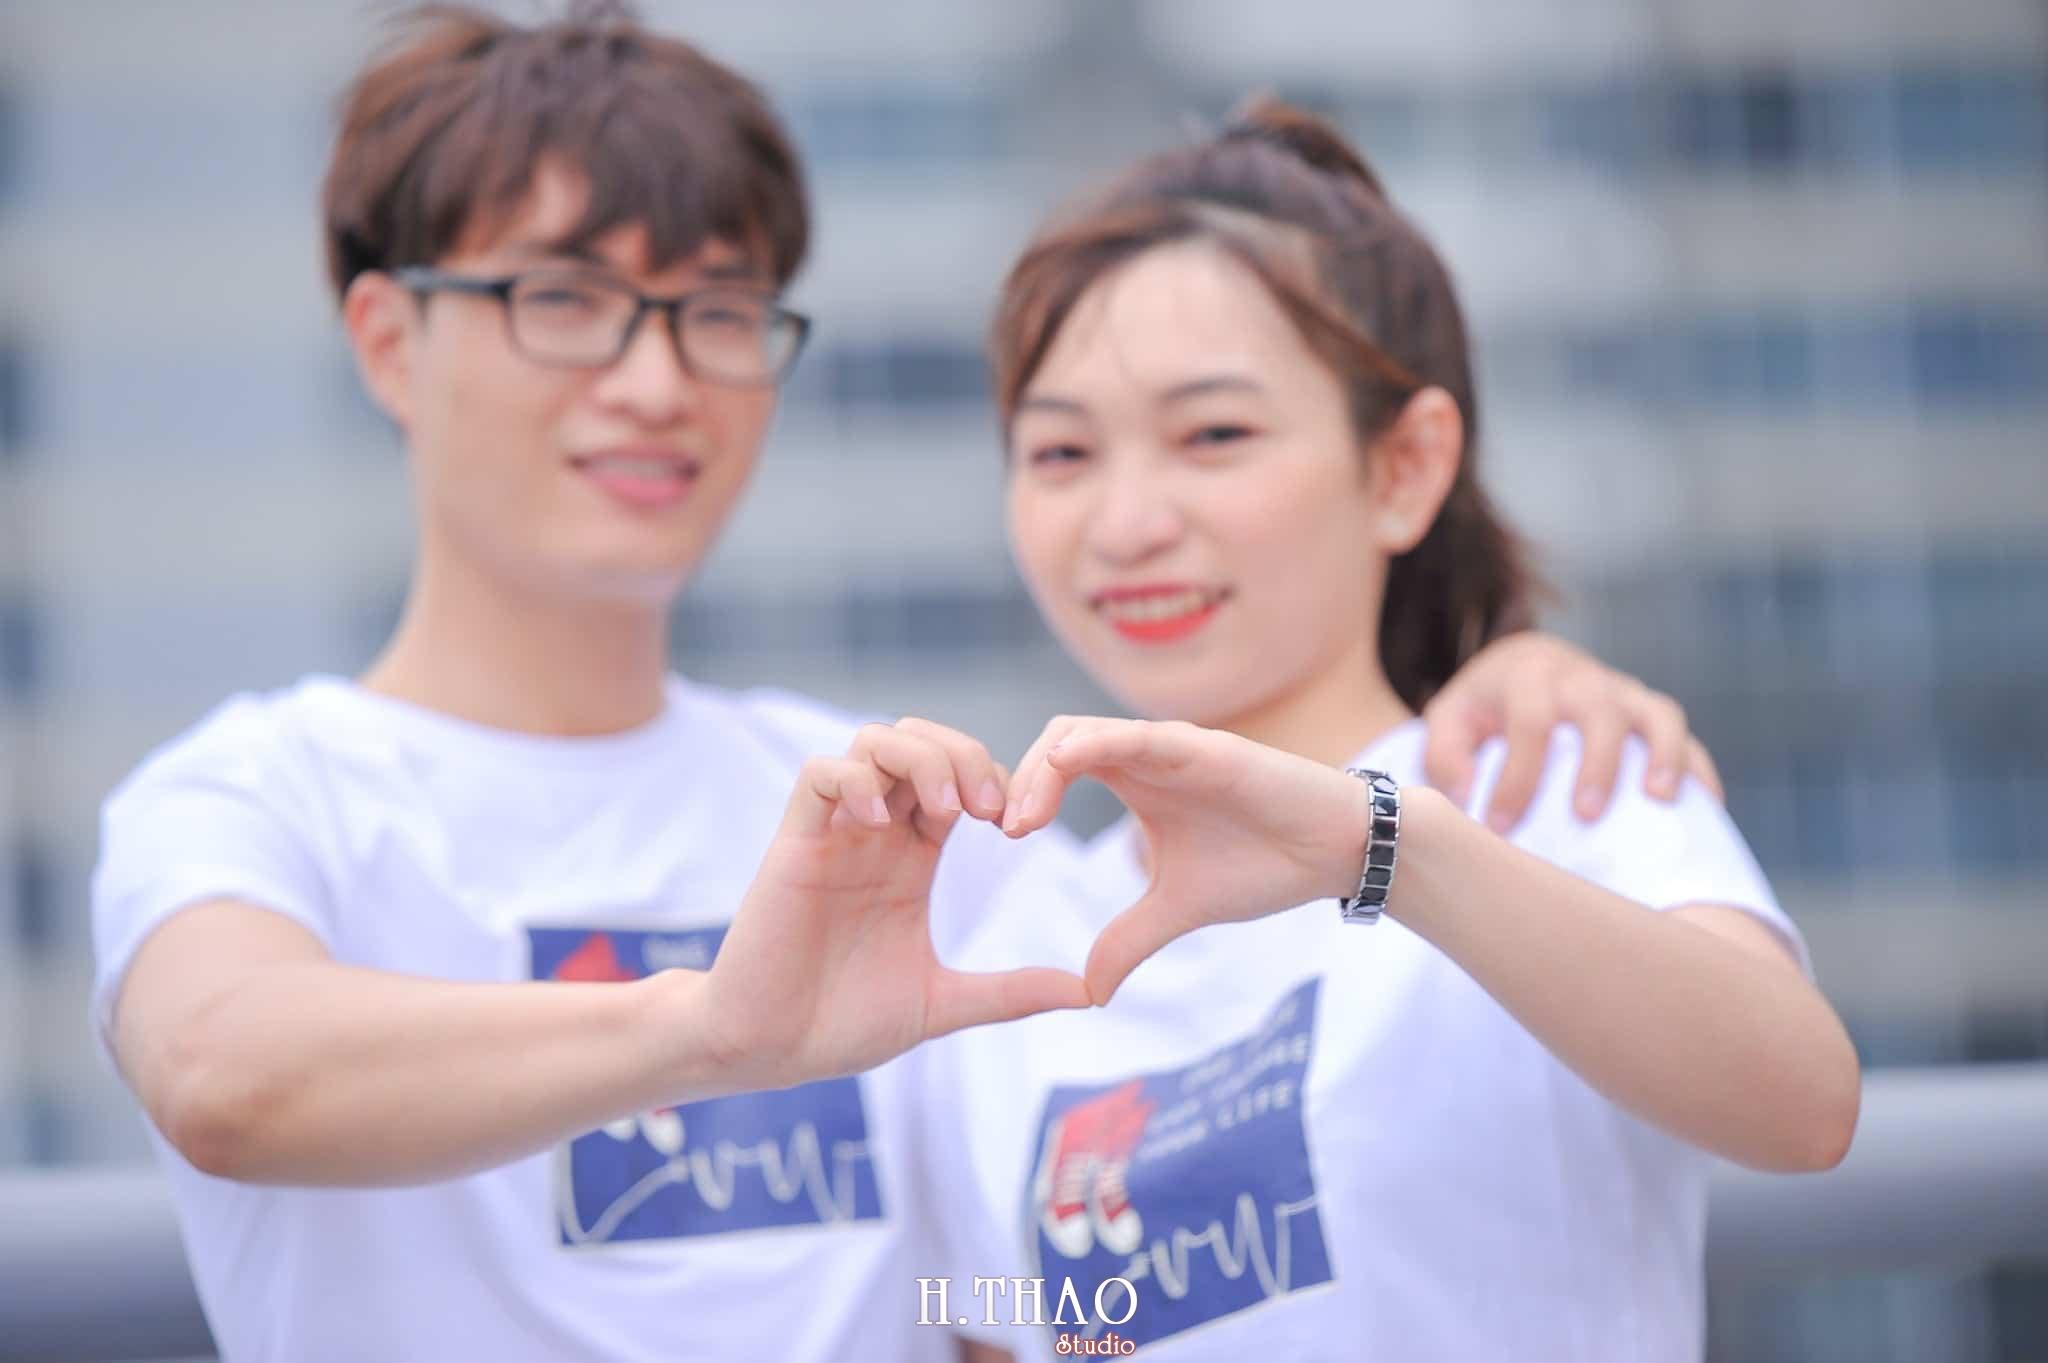 Anh couple sieu de thuong 4 - Chụp ảnh Couple dễ thương tại thành phố Hồ Chí Minh